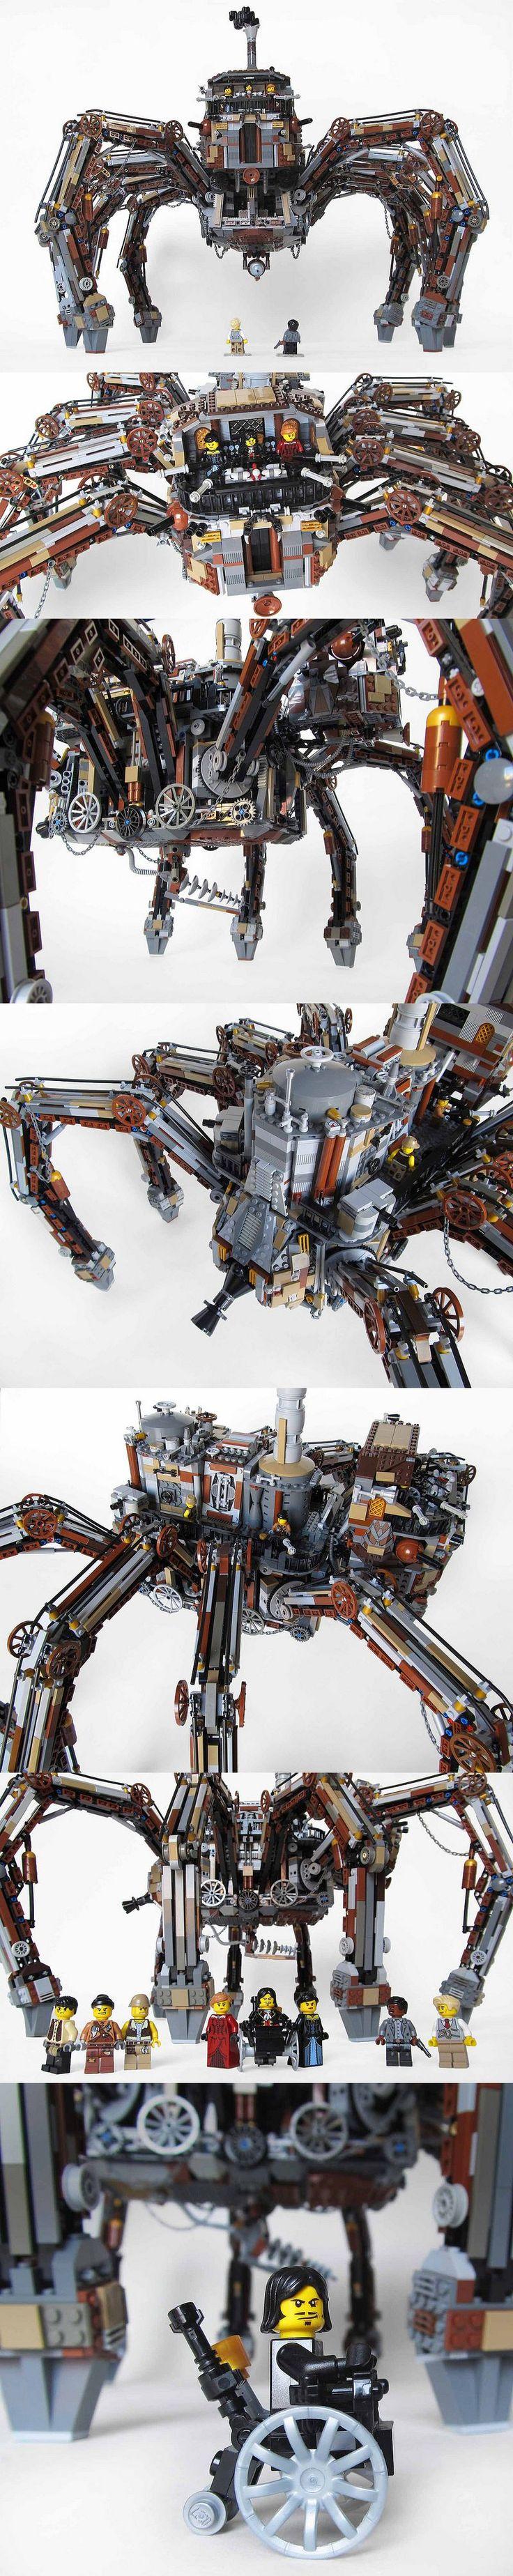 Wild Wild West (Loveless's spider) : amazing #Lego #Steampunk by Imagine Rigney